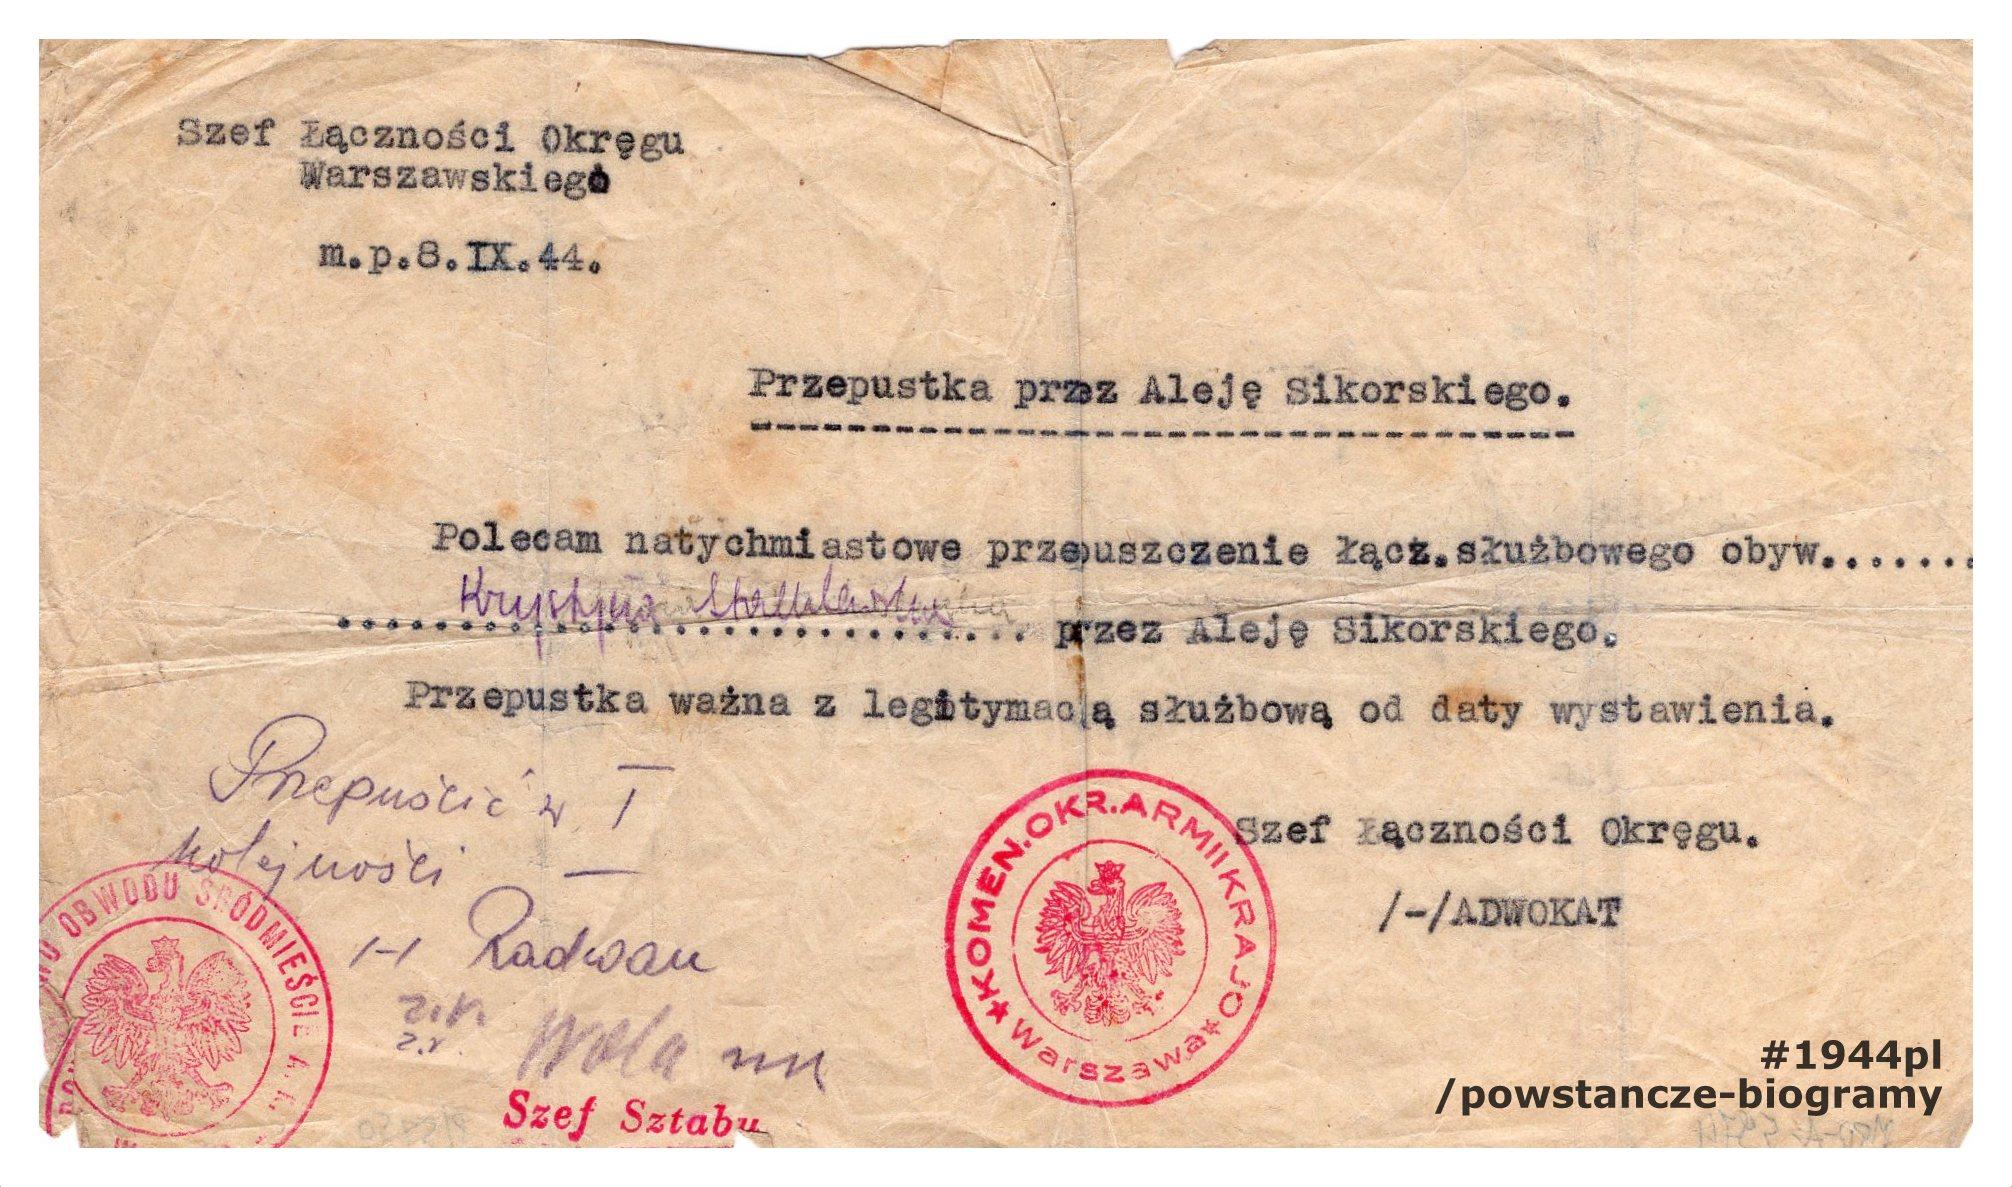 Przepustka przez Aleję Sikorskiego z poleceniem natychmiastowego przepuszczenia wystawiona dn. 08.09.1944 r. dla łączniczki Krystyny Stachlewskiej. Ze zbiorów Muzeum Powstania Warszawskiego, sygn. MPW-A-5974 (P/5750/07)